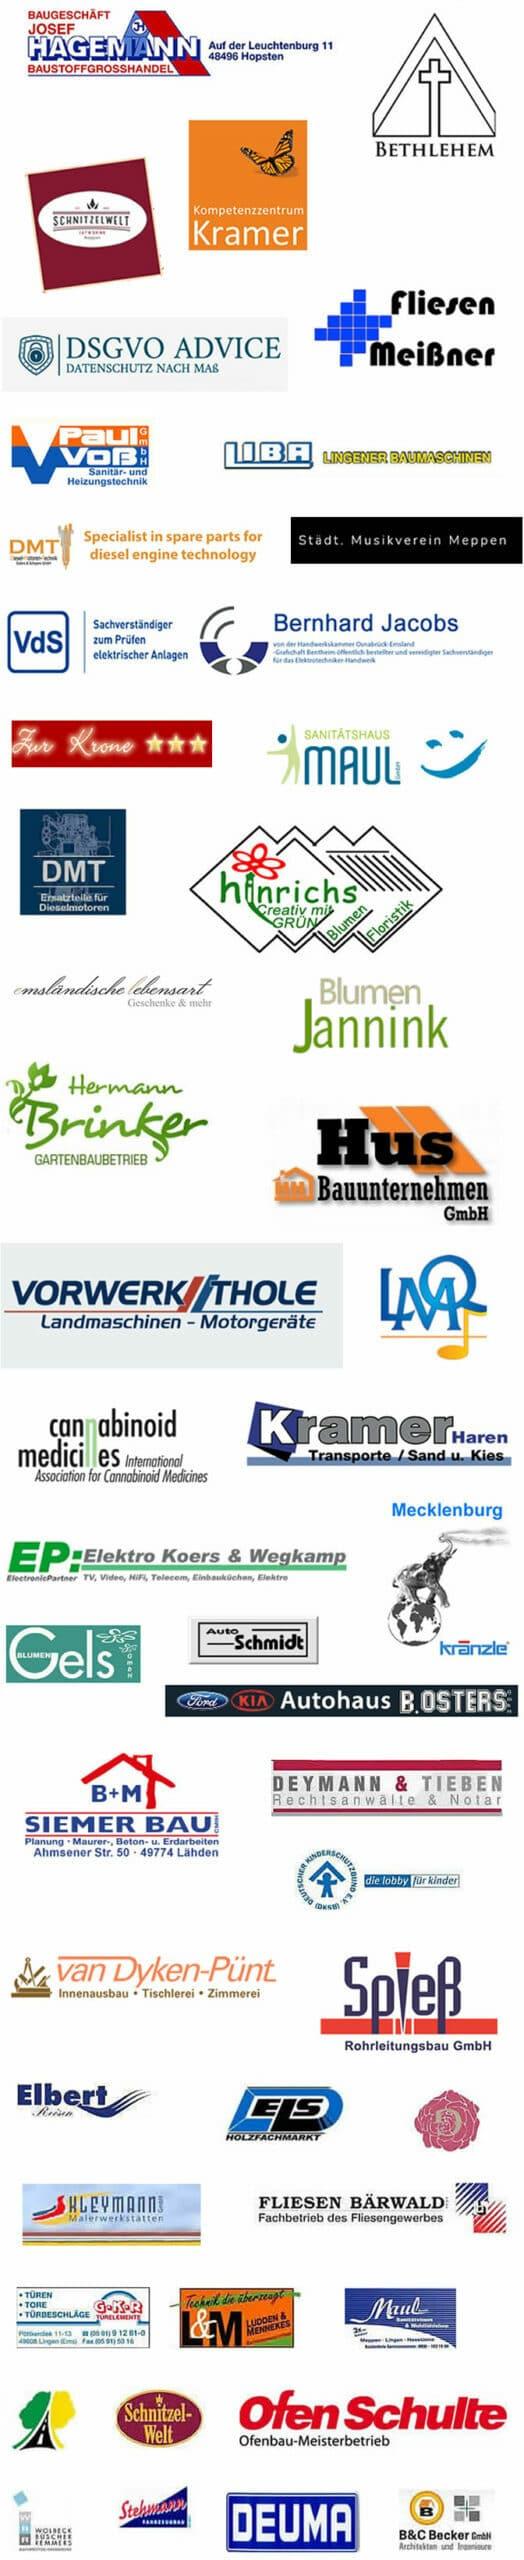 Referenzen von Webmediapark Emsland